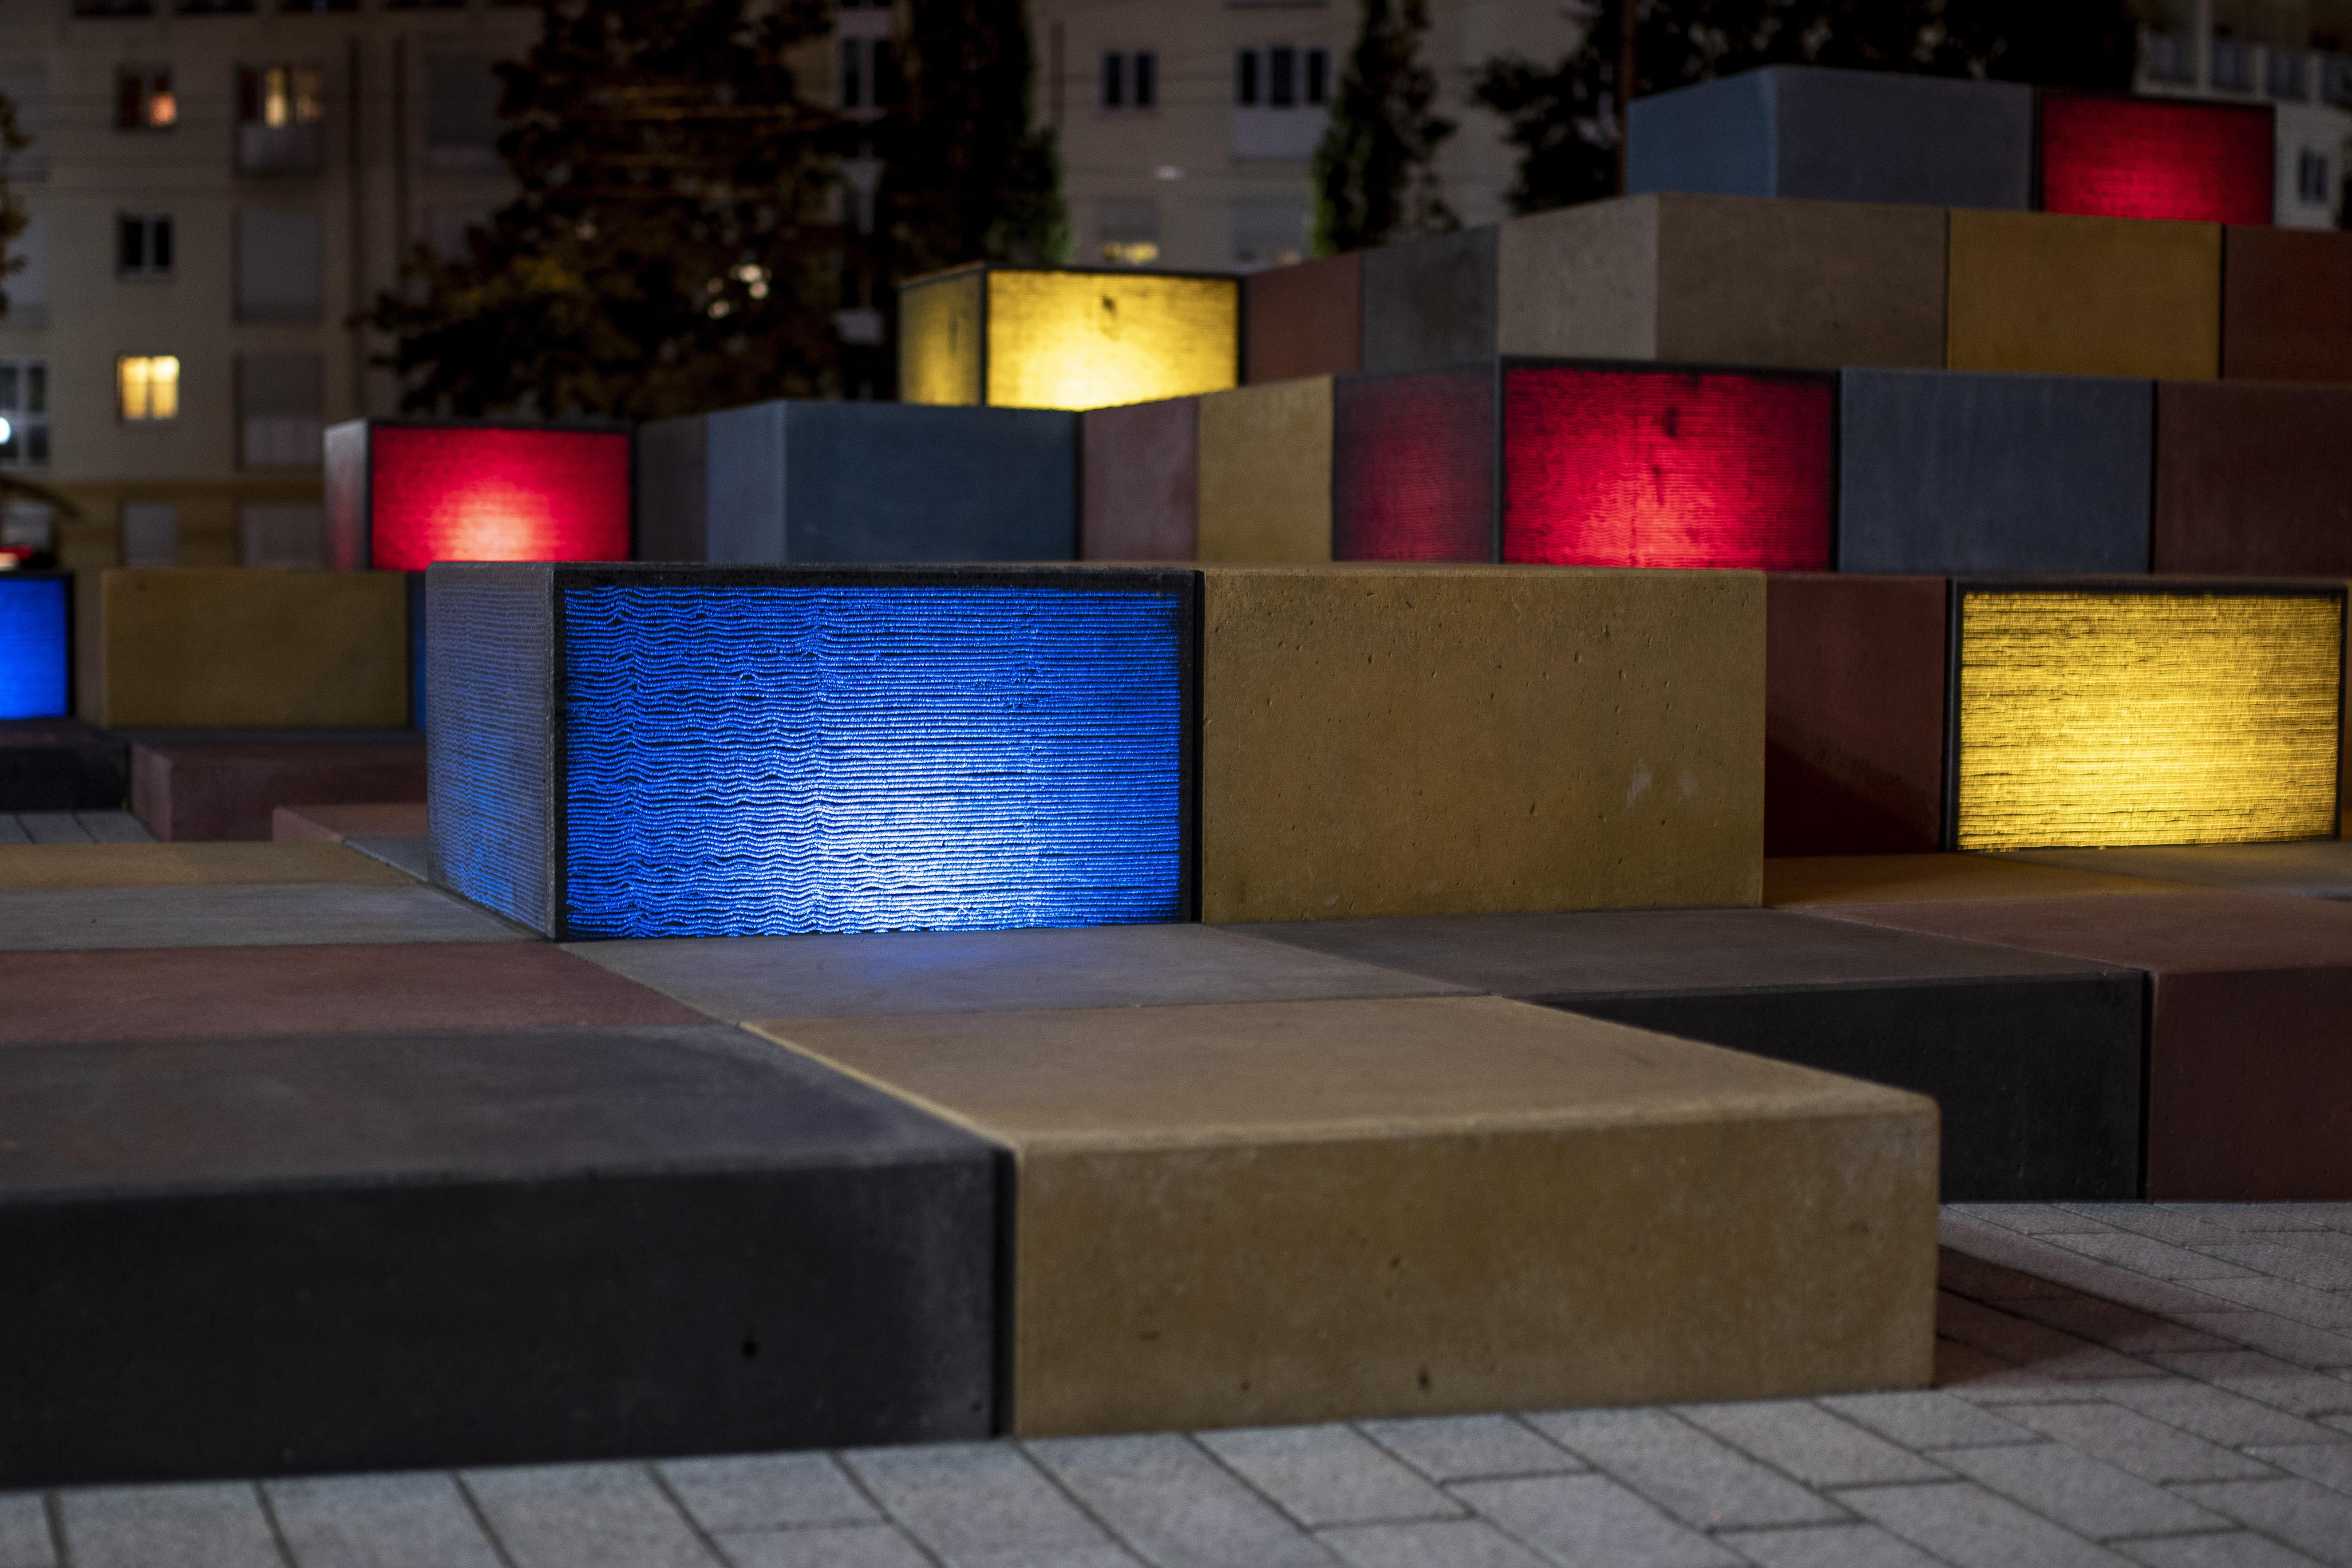 Reminiszenz an Amerika – Urban Star-Skulptur aus farbigen und beleuchtete Betonkuben in Augsburg